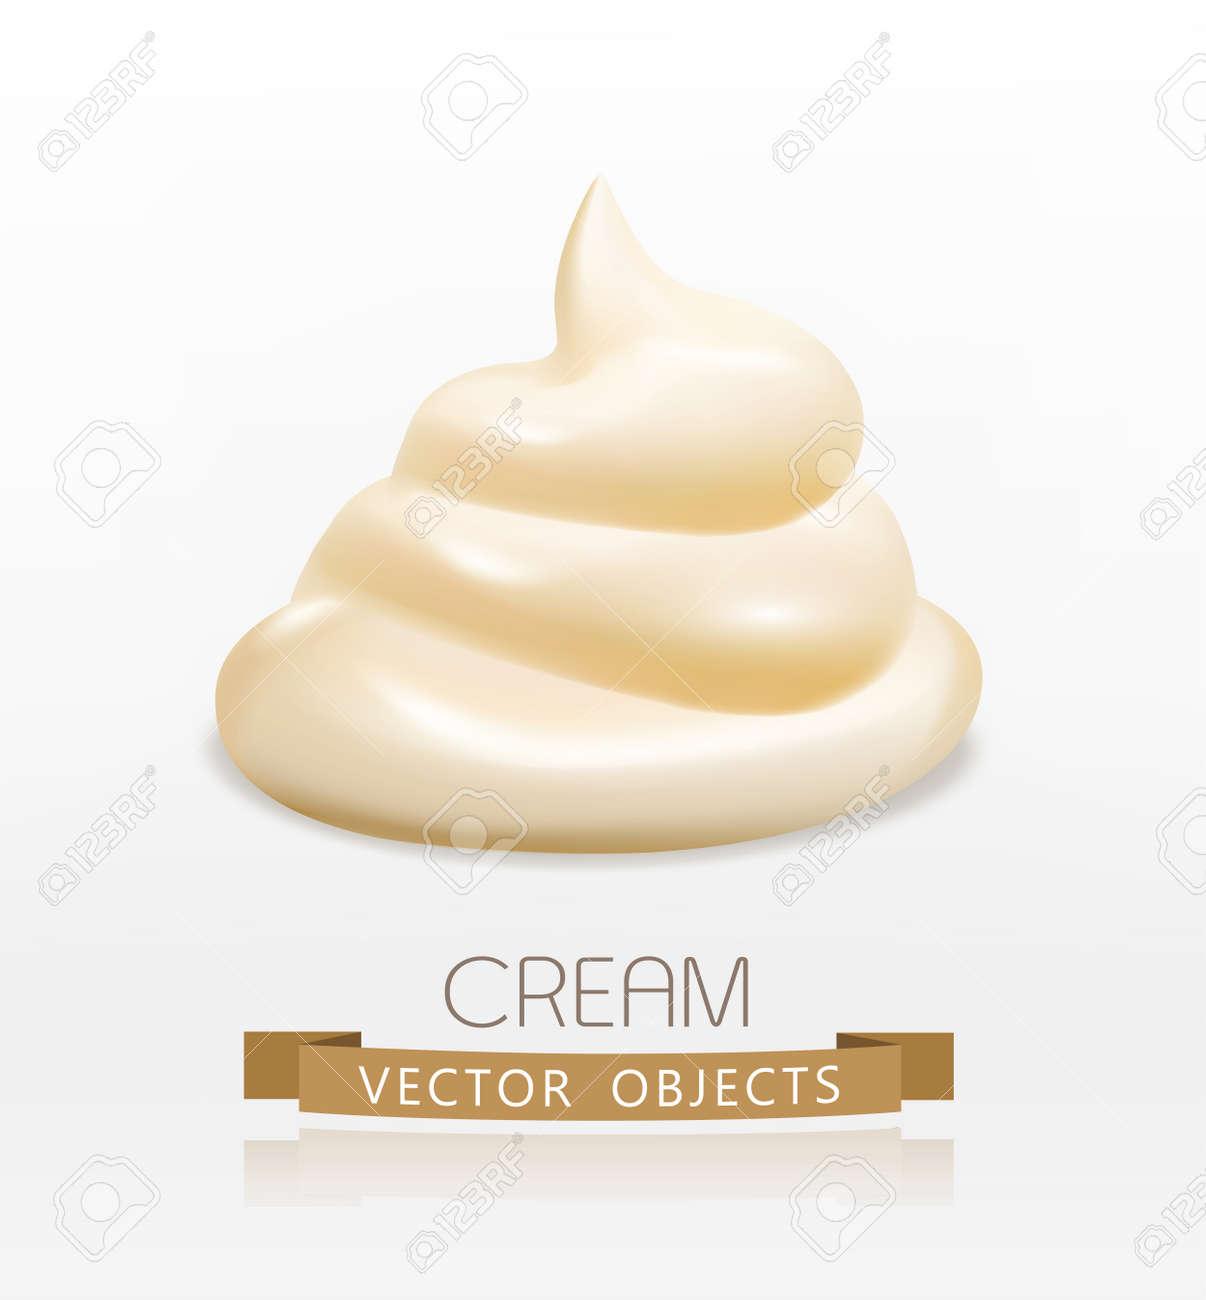 handful cream (mayonnaise) swirl, isolated on white background - 53646644